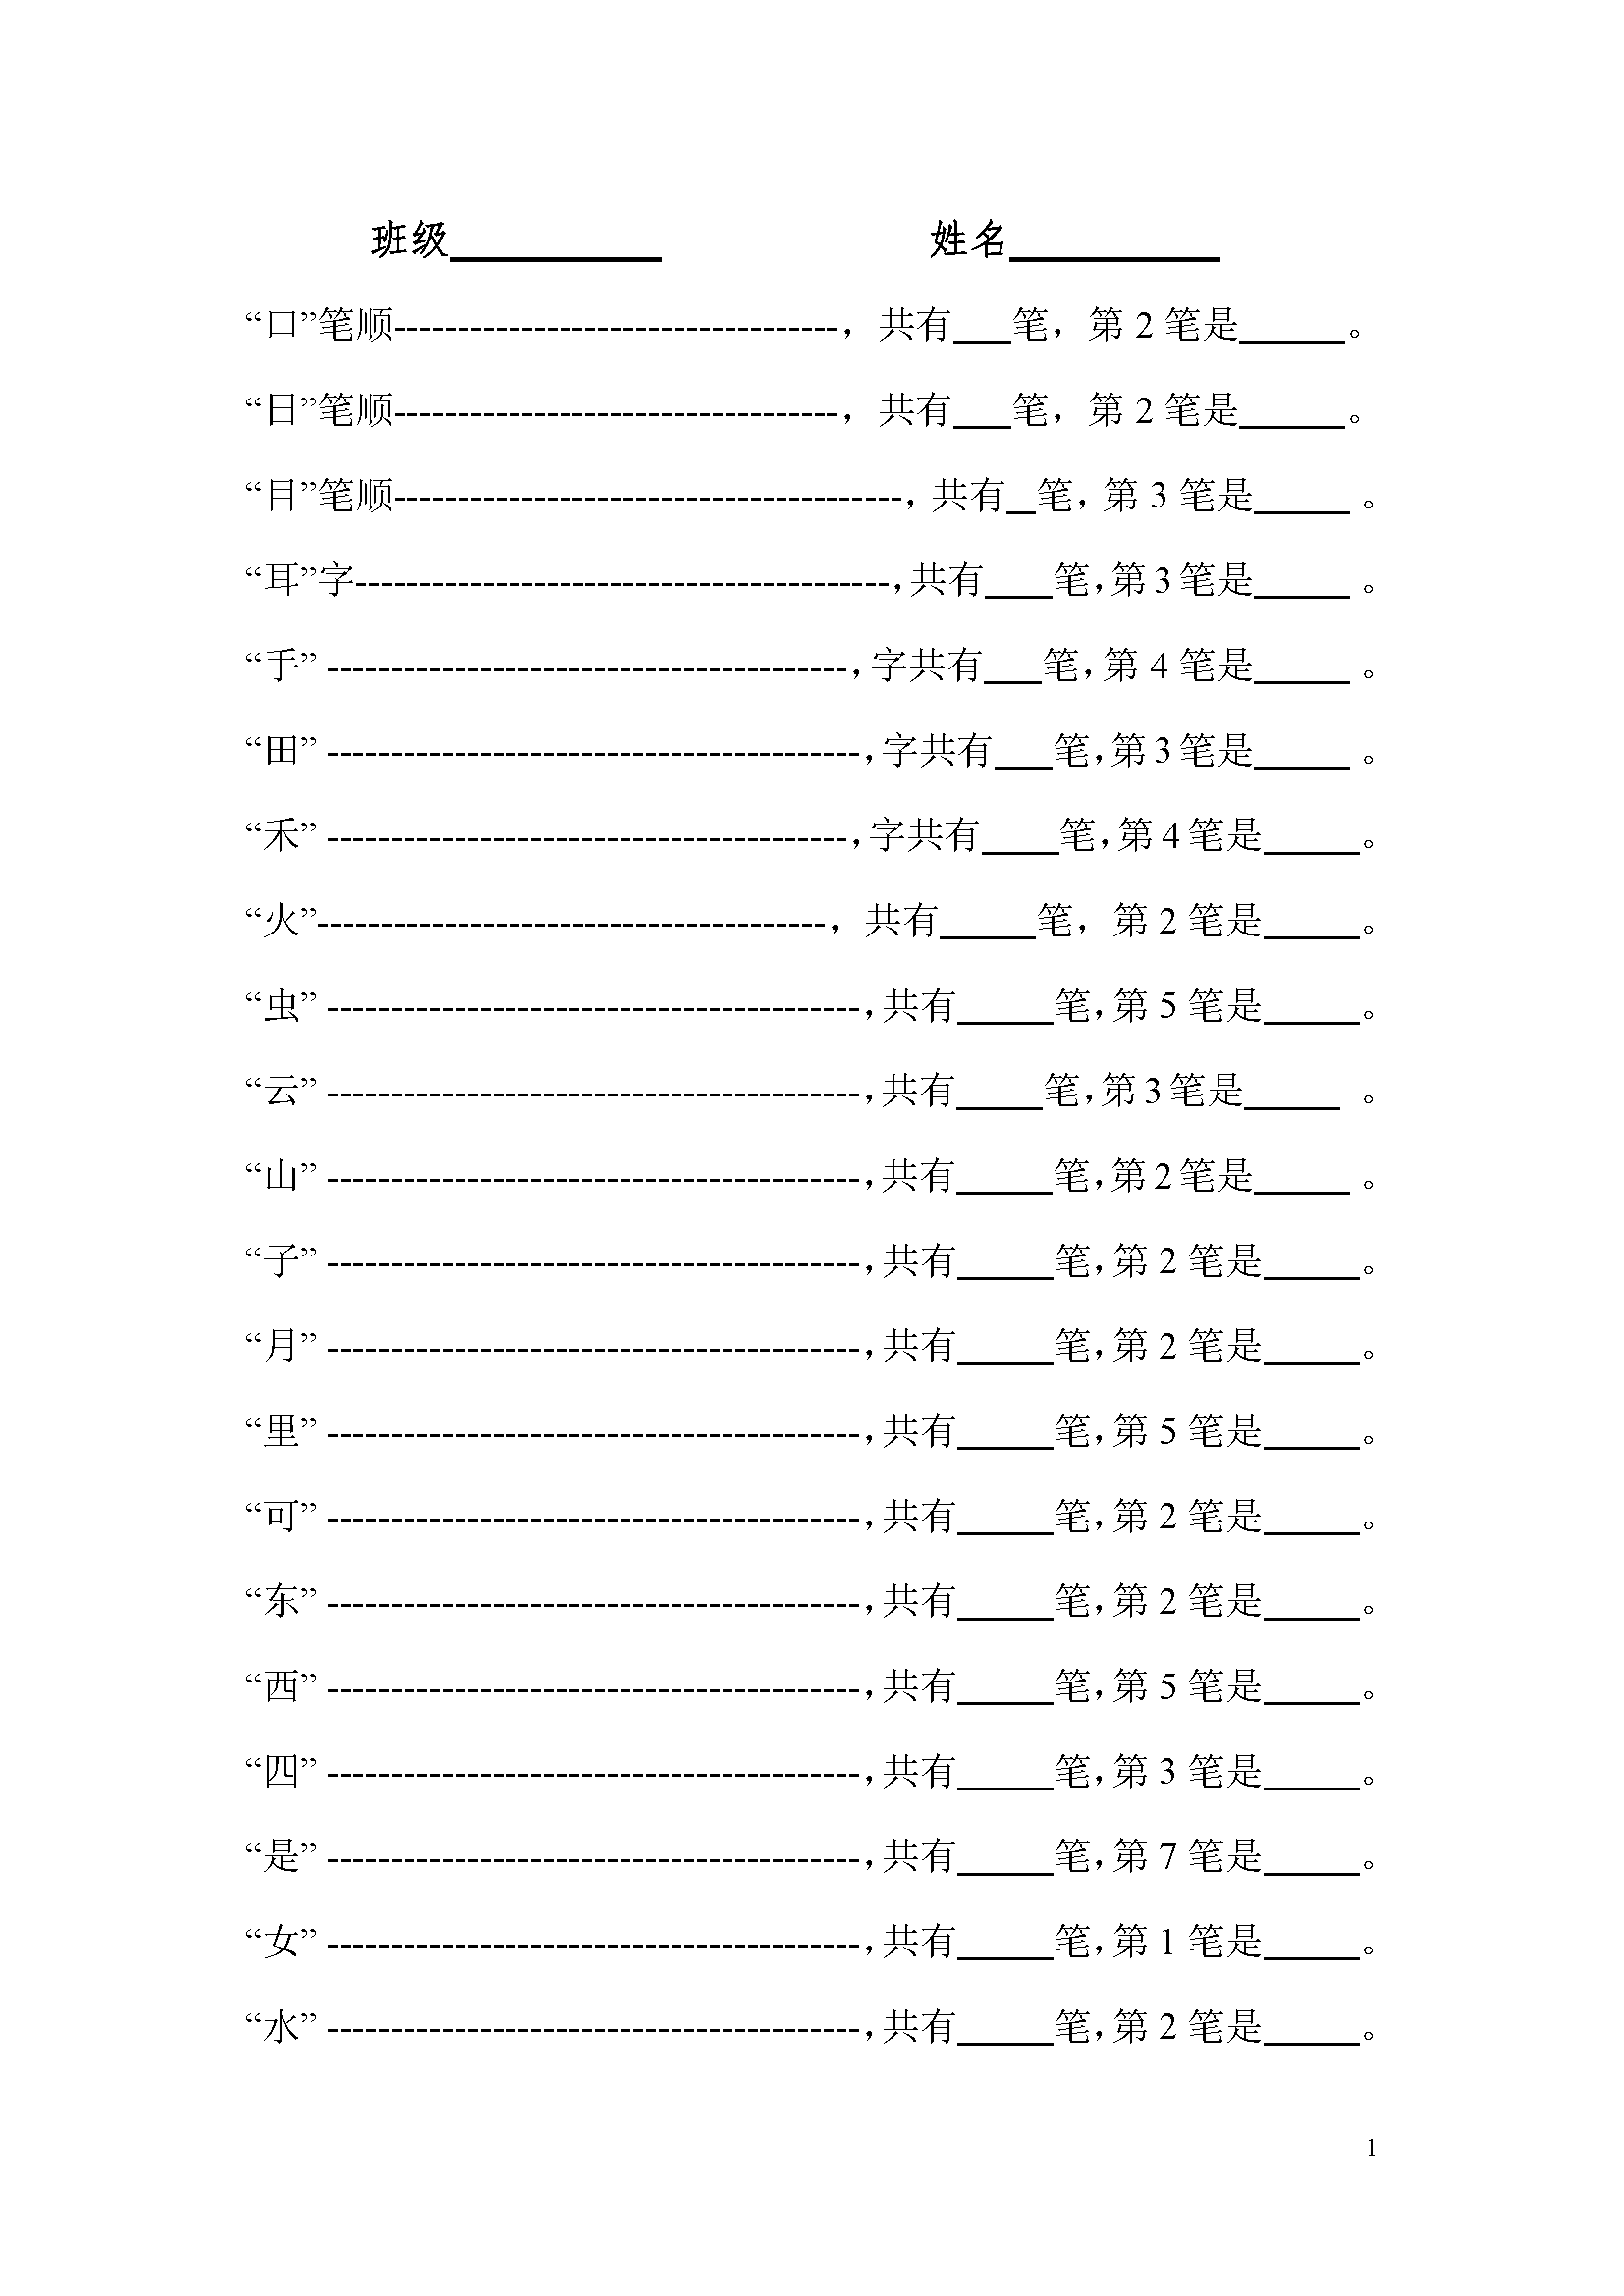 部编版小学一年级语文上册生字数笔画练习题